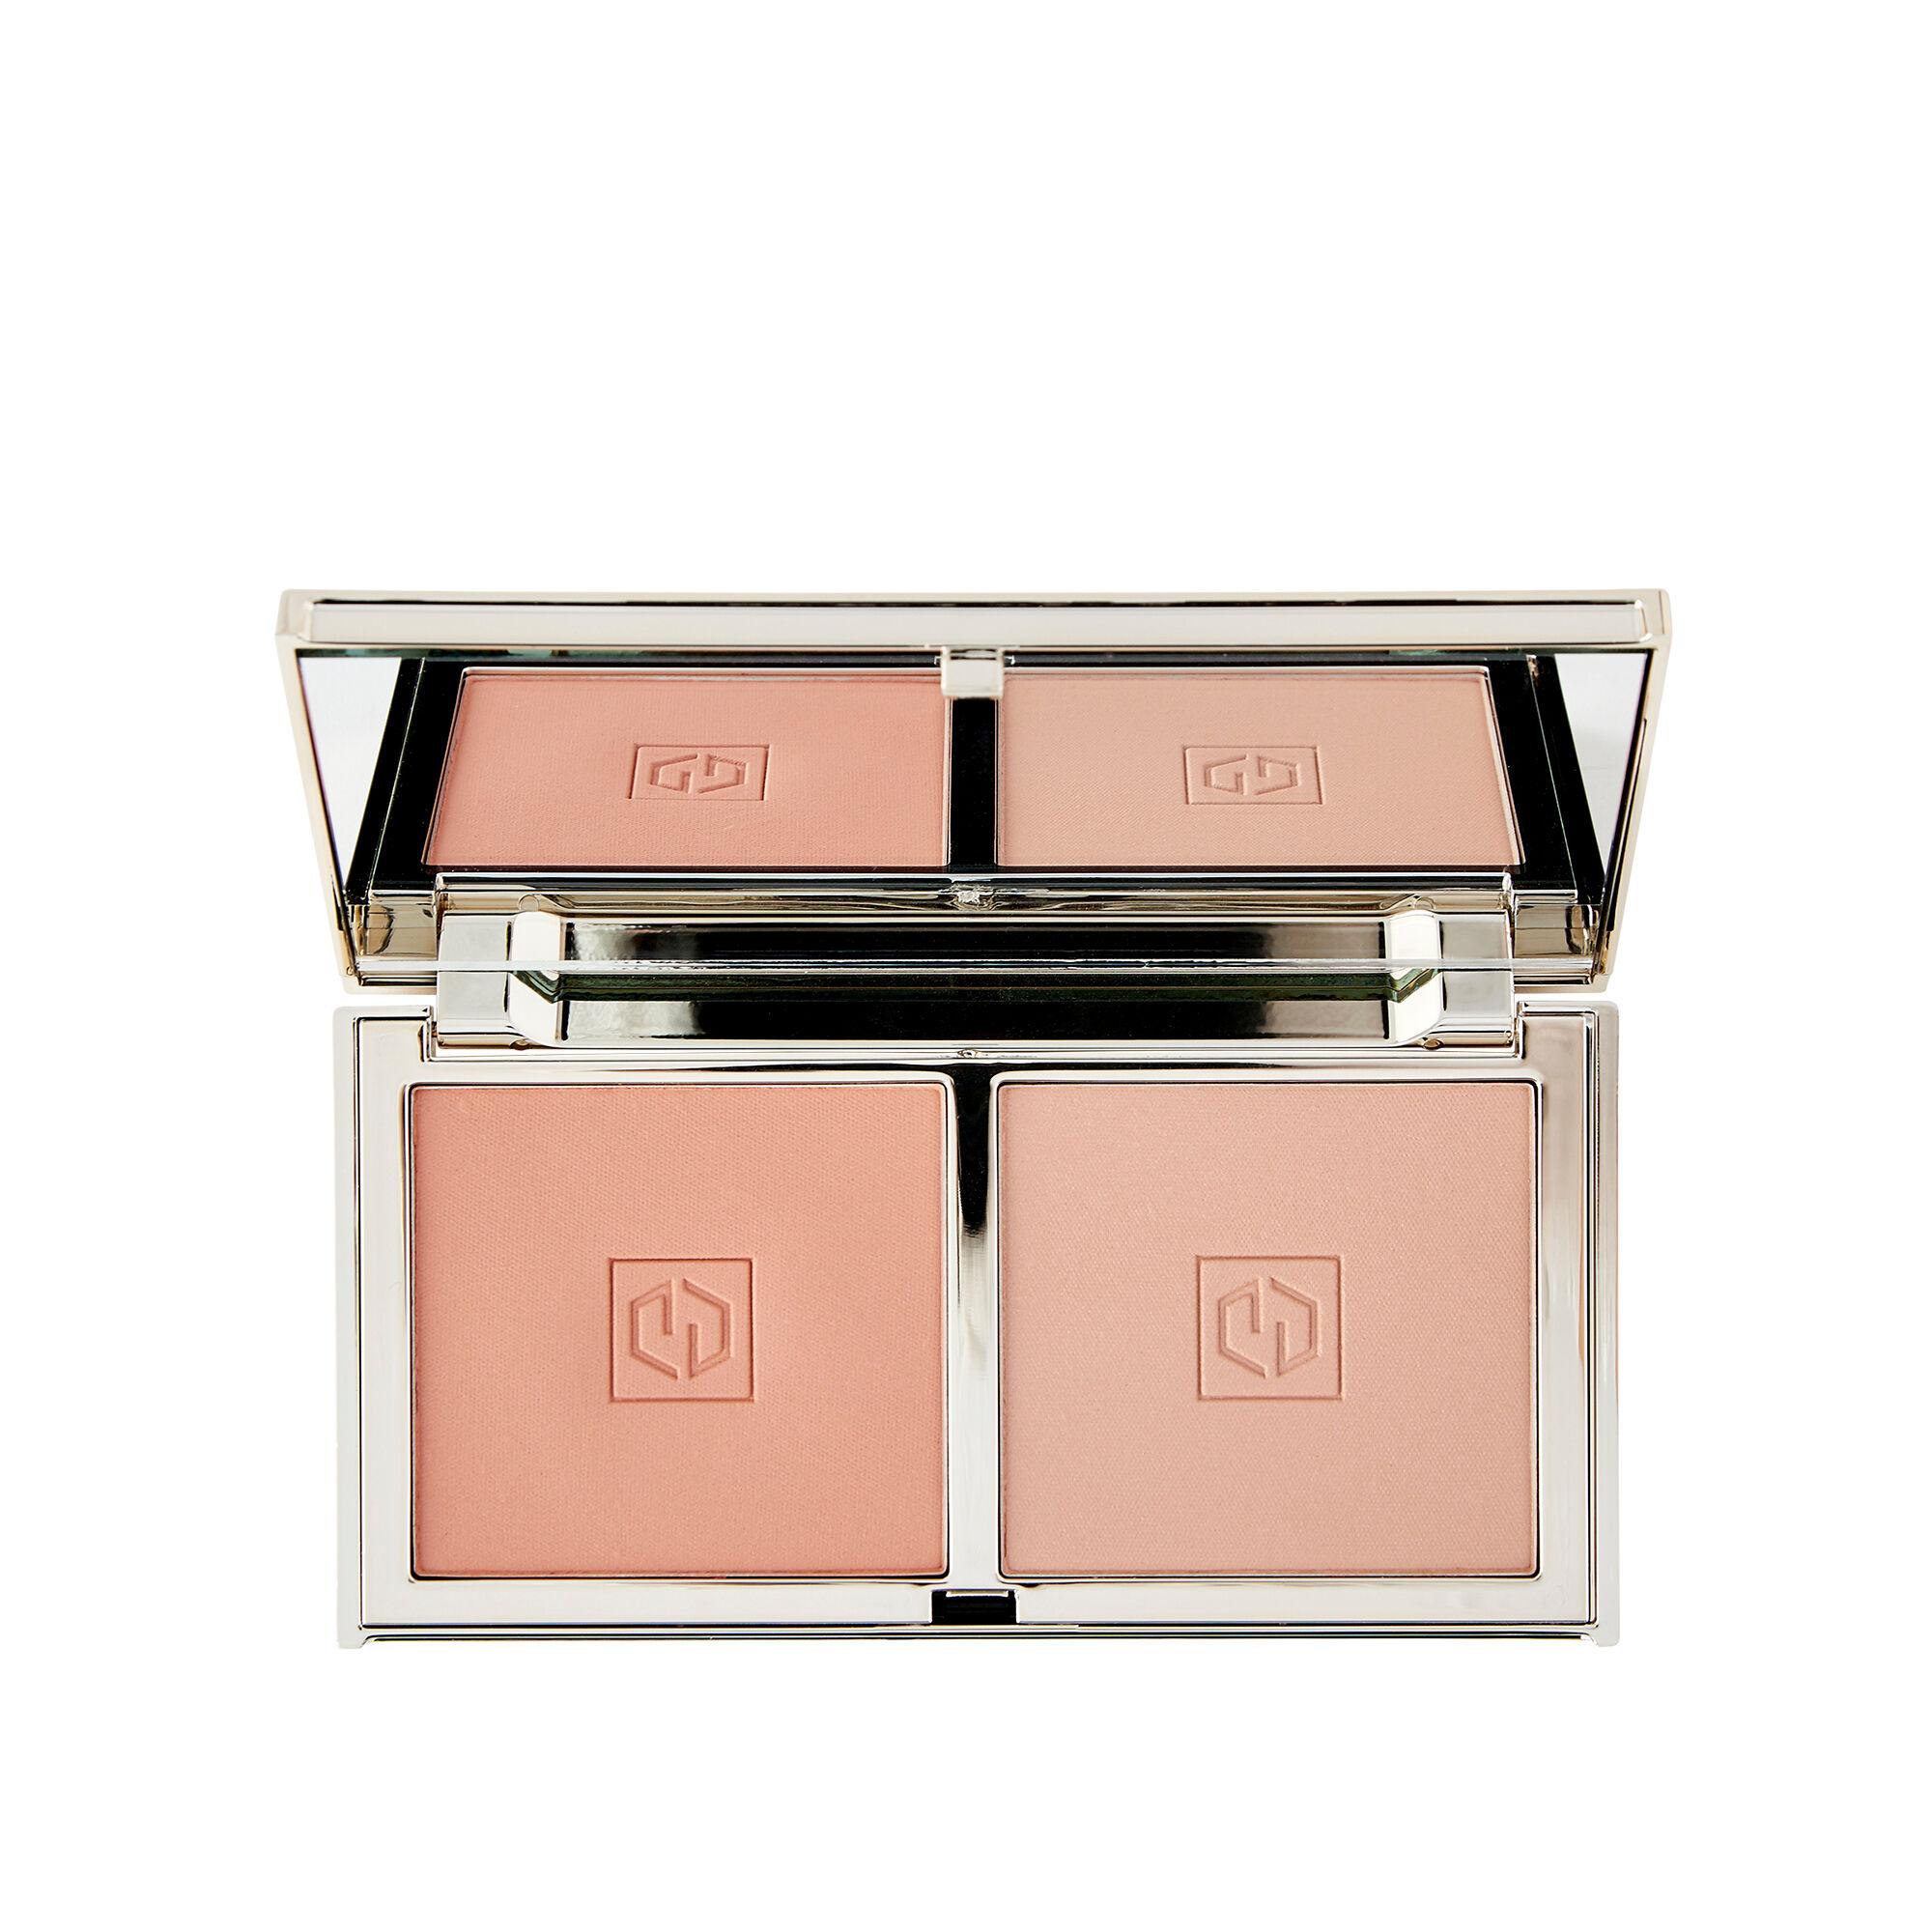 Jouer Cosmetics Blush Bouquet Dual Blush Palette Adore 11g